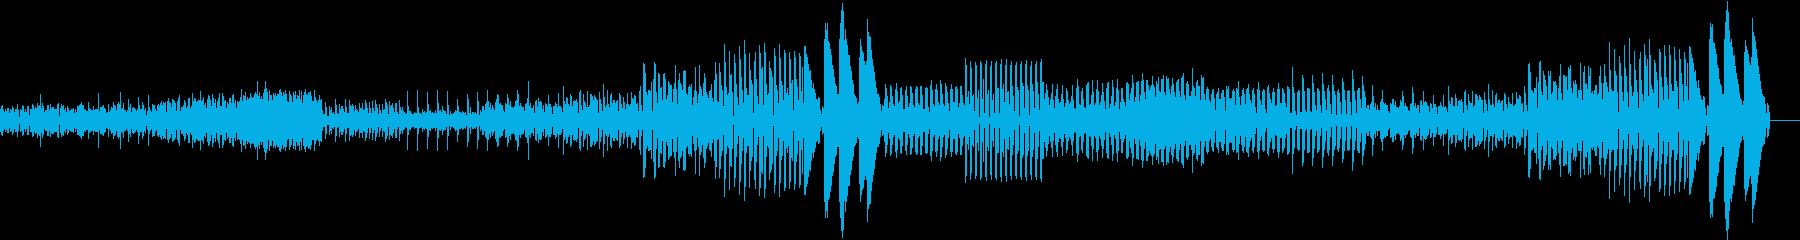 シンセを用いたリズム感のあるEDMの再生済みの波形